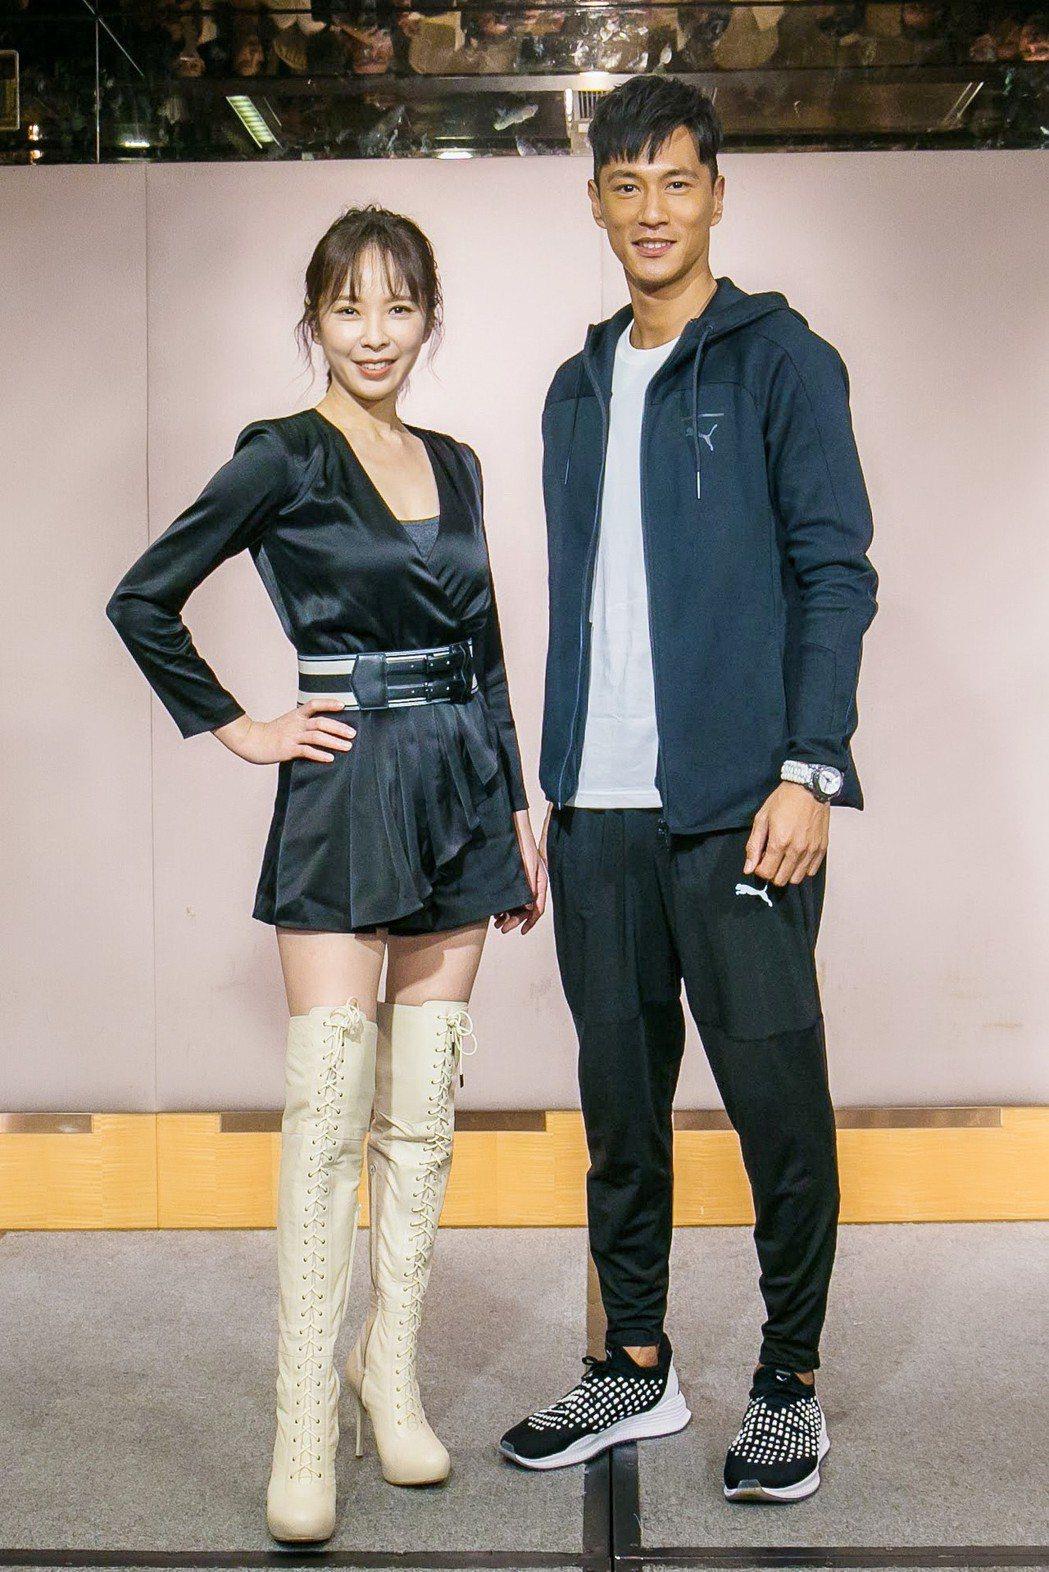 天心(左)大讚鍾承翰在拍戲期間常有暖心舉動。圖/群之噰、有意思國際傳媒提供